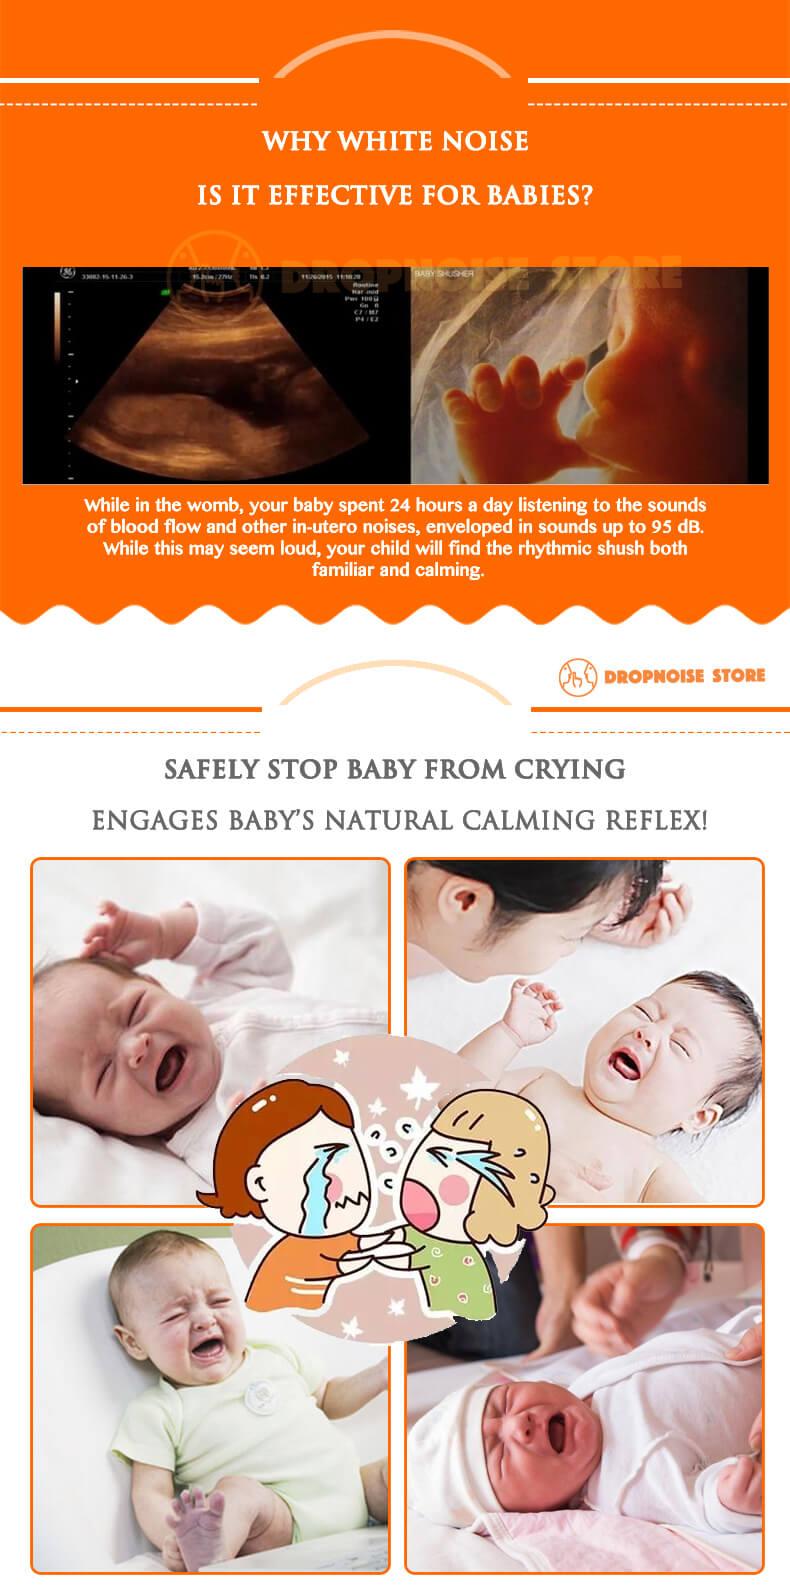 Baby Shusher - Dropnoise Store (2) Logo